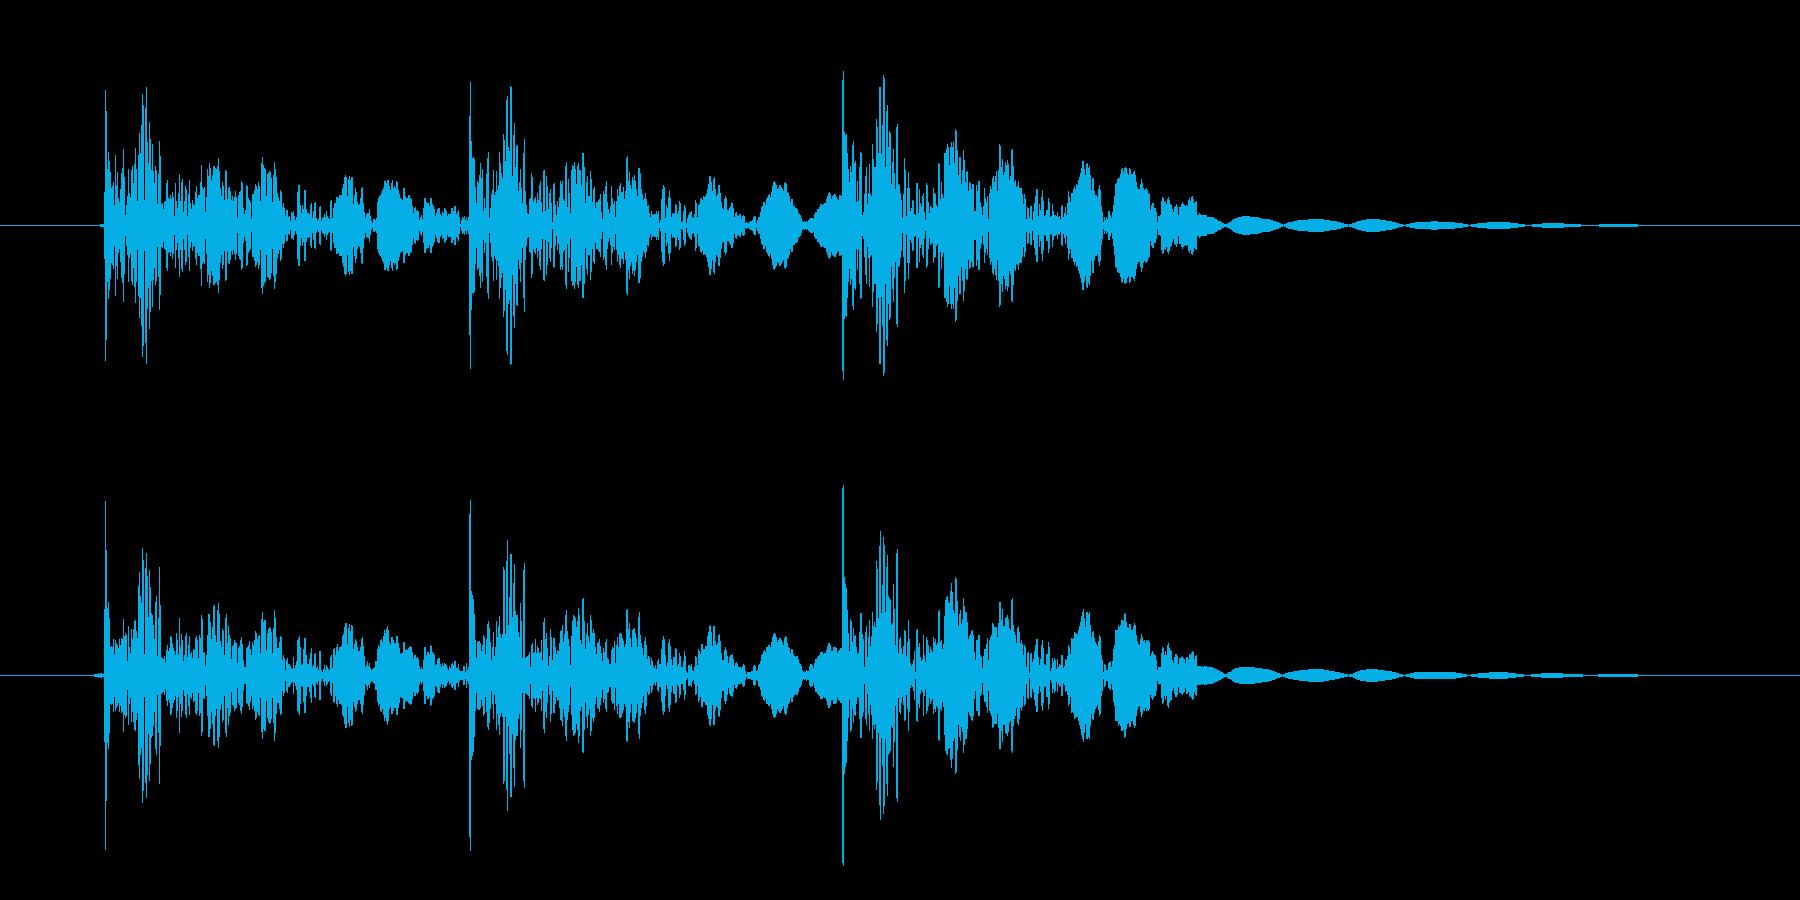 恐怖シリーズ3.ノックオン(鉄製3回)の再生済みの波形